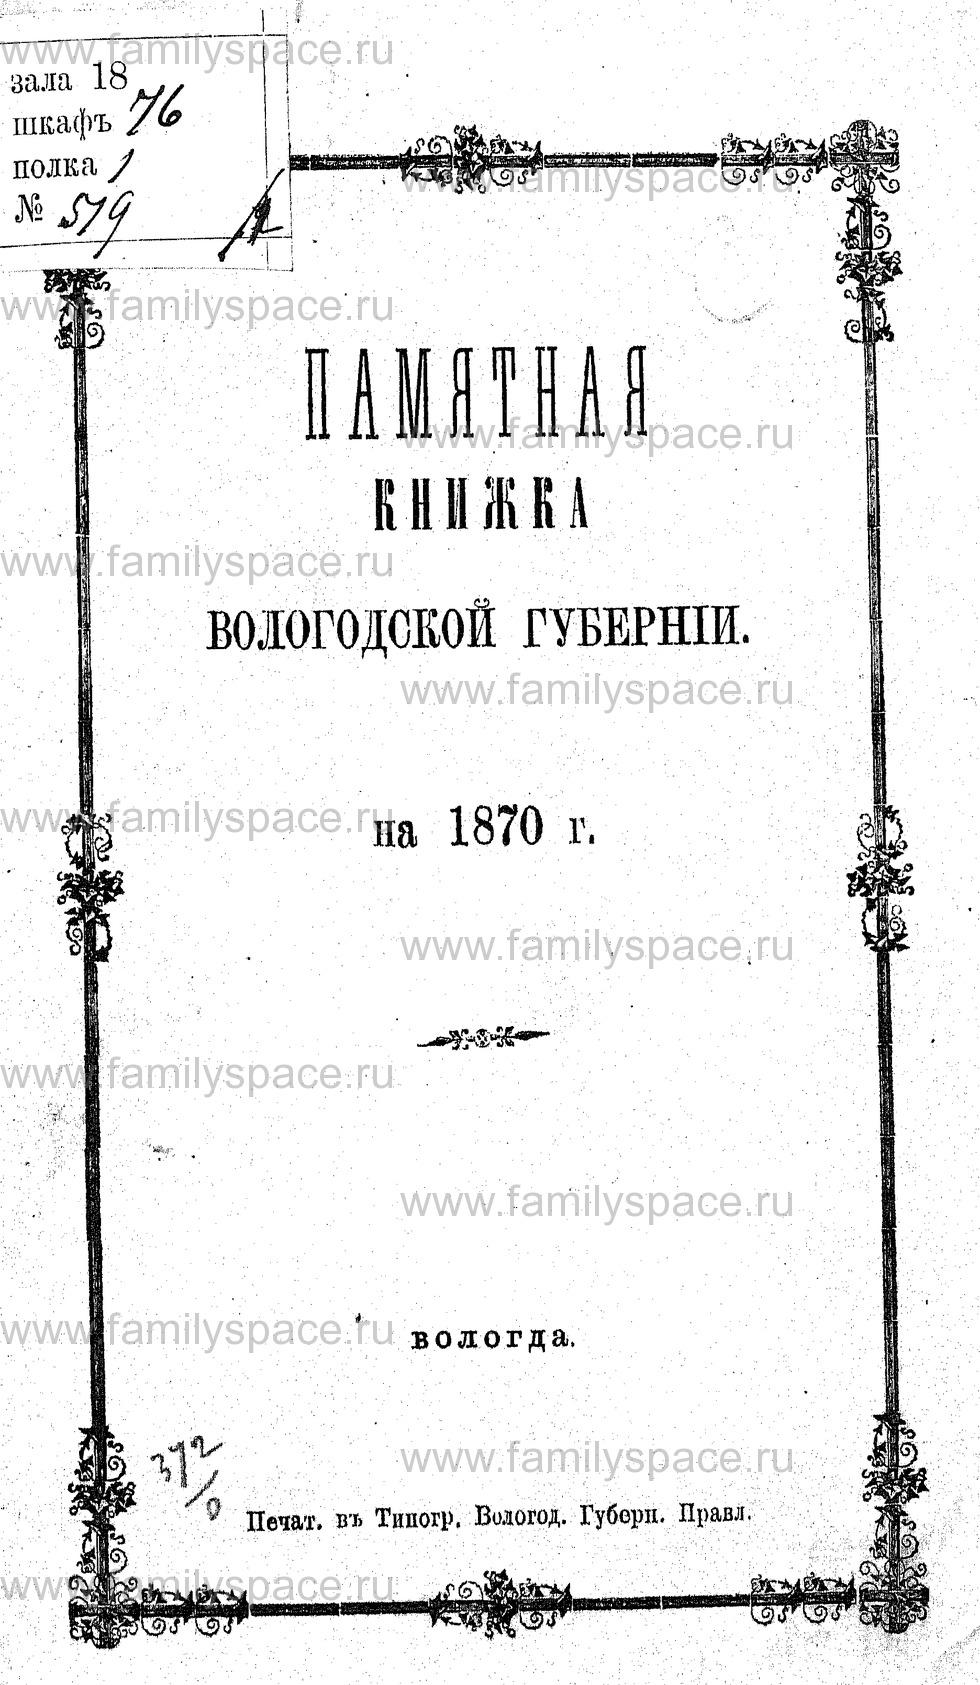 Поиск по фамилии - Памятная книжка Вологодской губернии на 1870 г, страница 1